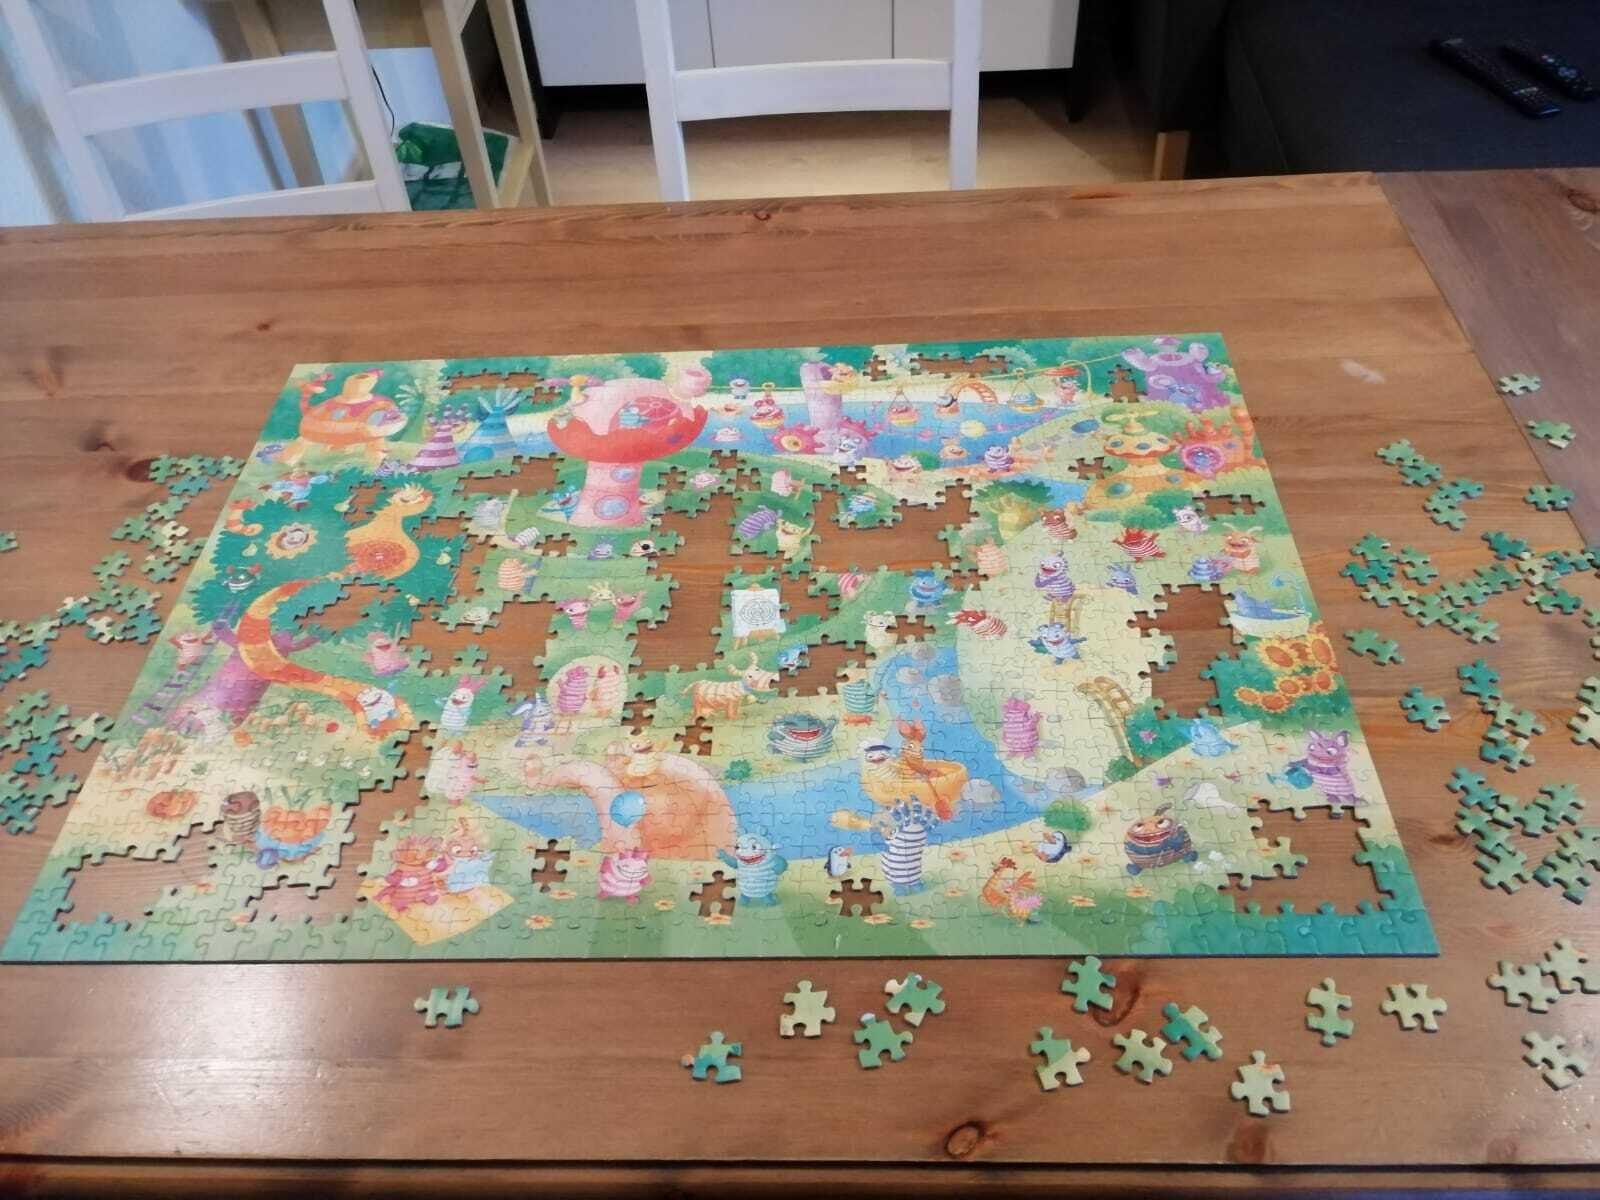 Bild zeigt ein Puzzle